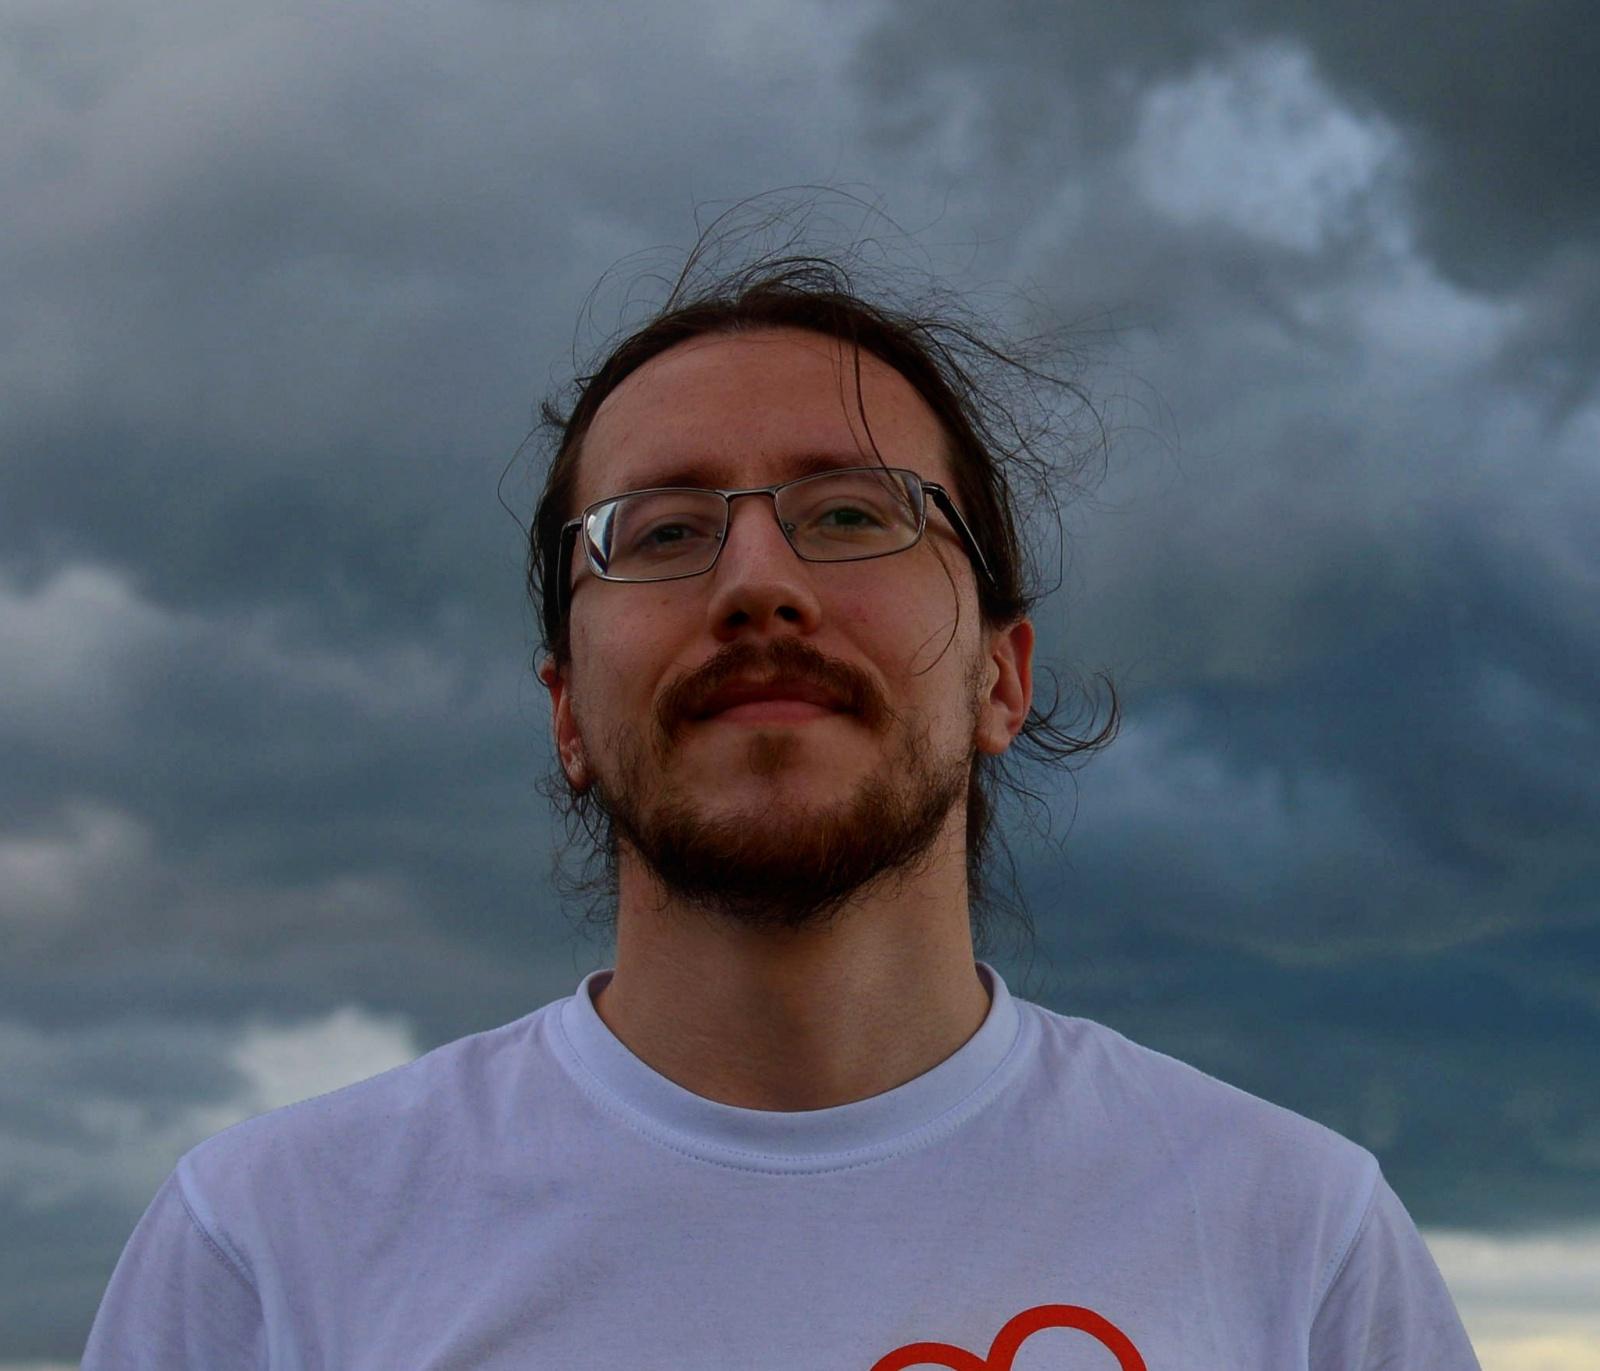 Александр Павлюк: «Мне очень хочется, чтобы в OSM постепенно появлялись планы зданий» - 1